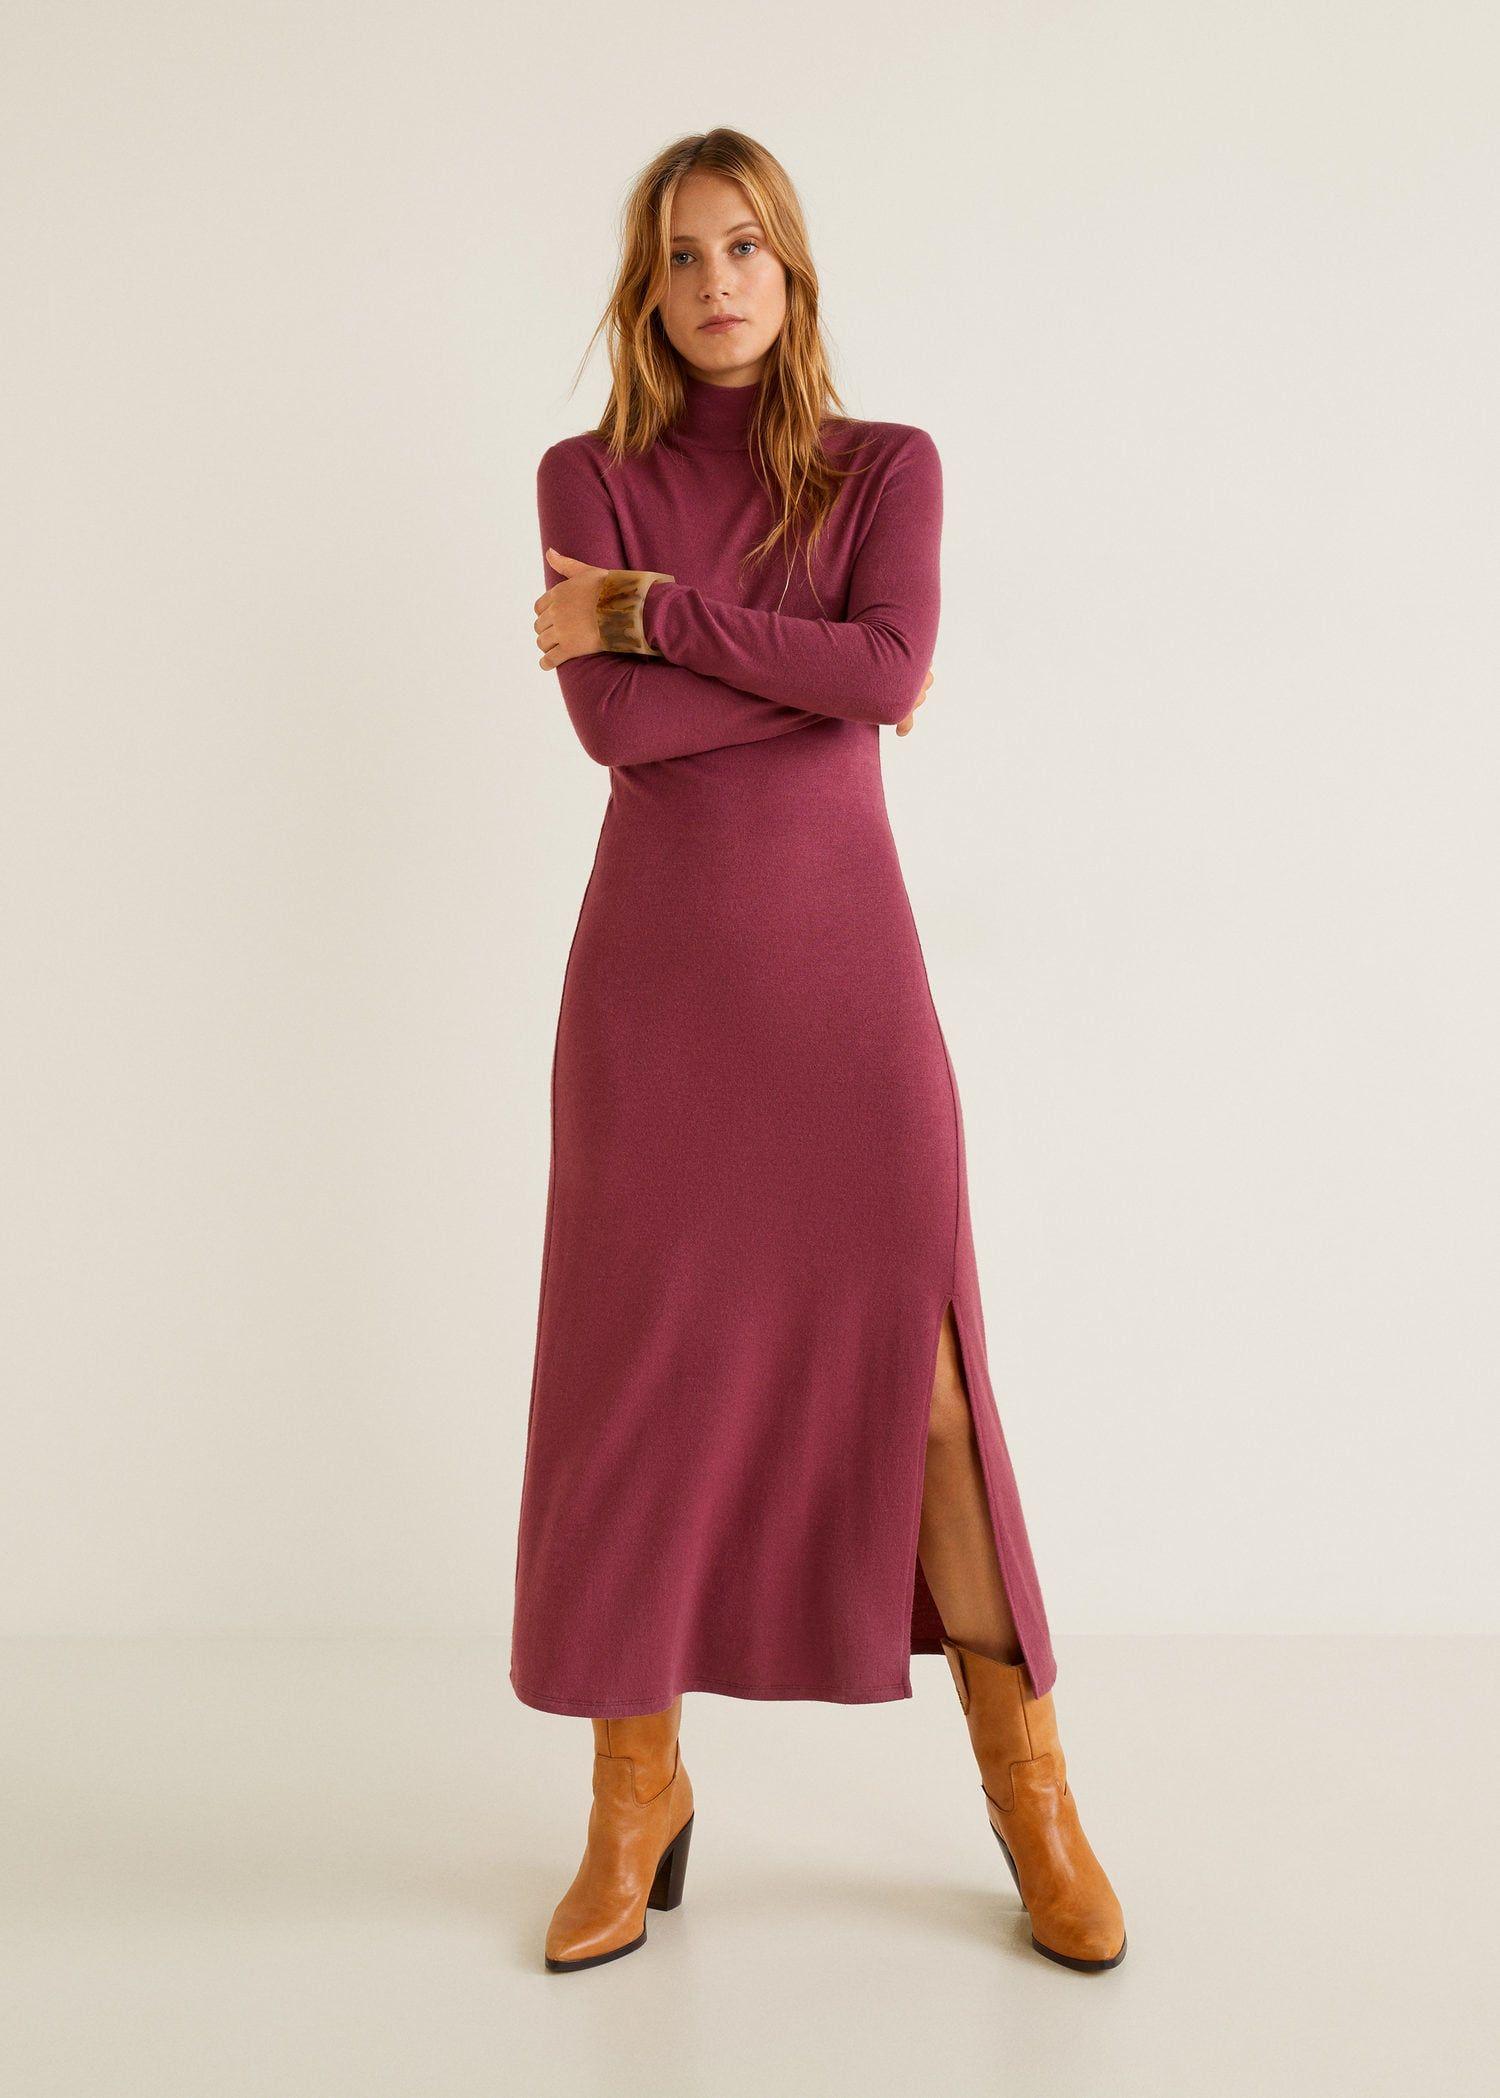 Langes strickkleid - Damen   Kleider für frauen, Damen ...